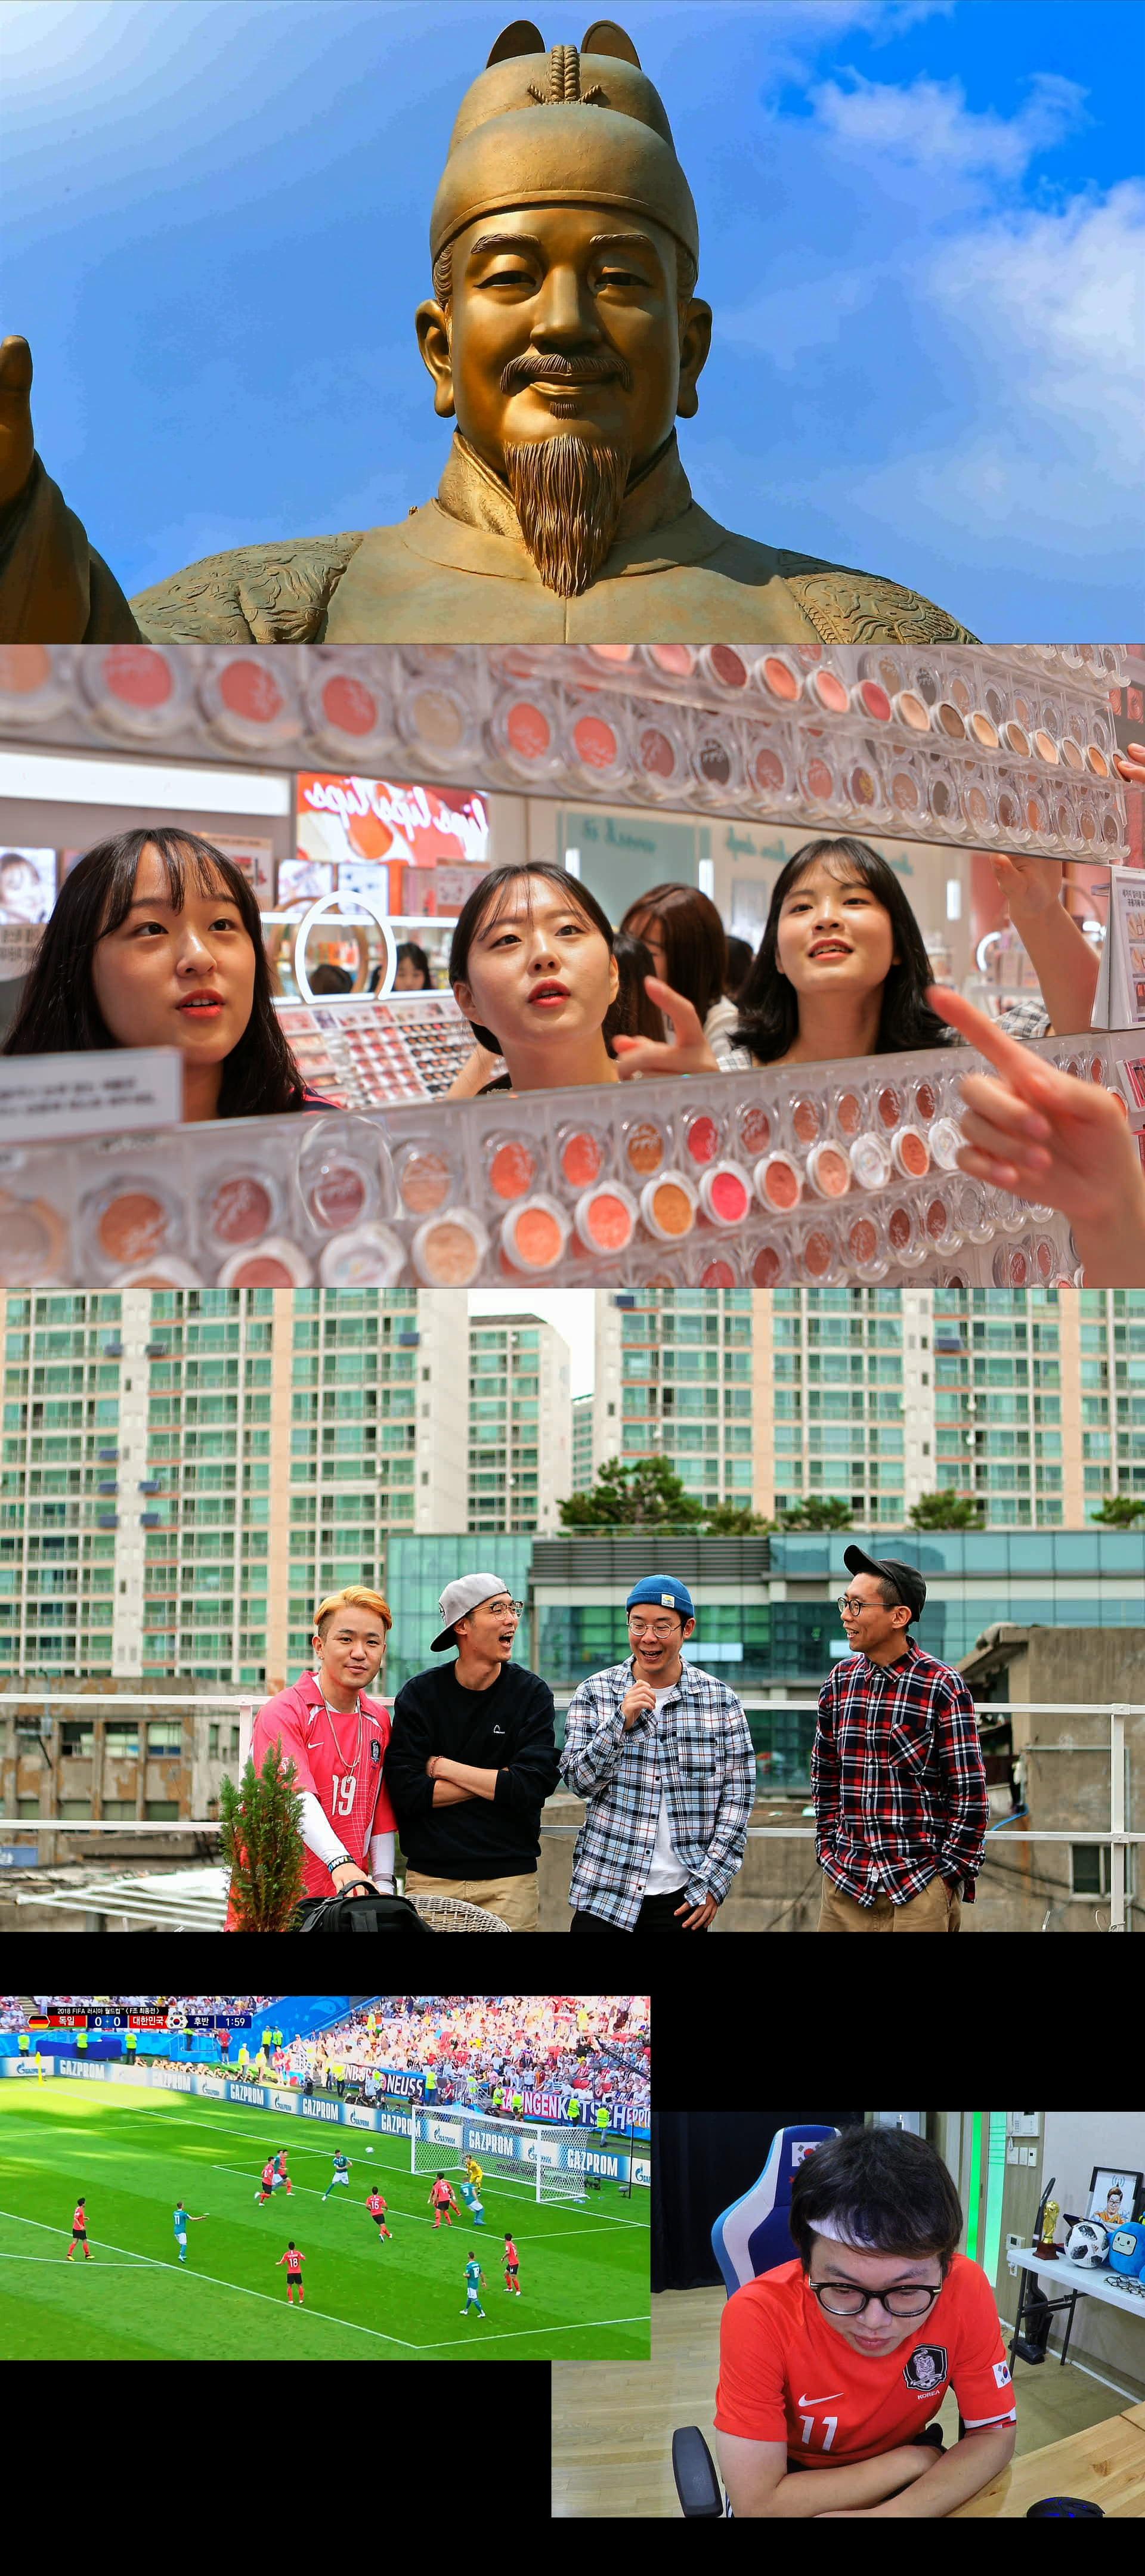 요즘 랩은 한글이 대세? MBC, 한글날 특집 '우리들의 행복한 소통을 위하여' 방송!